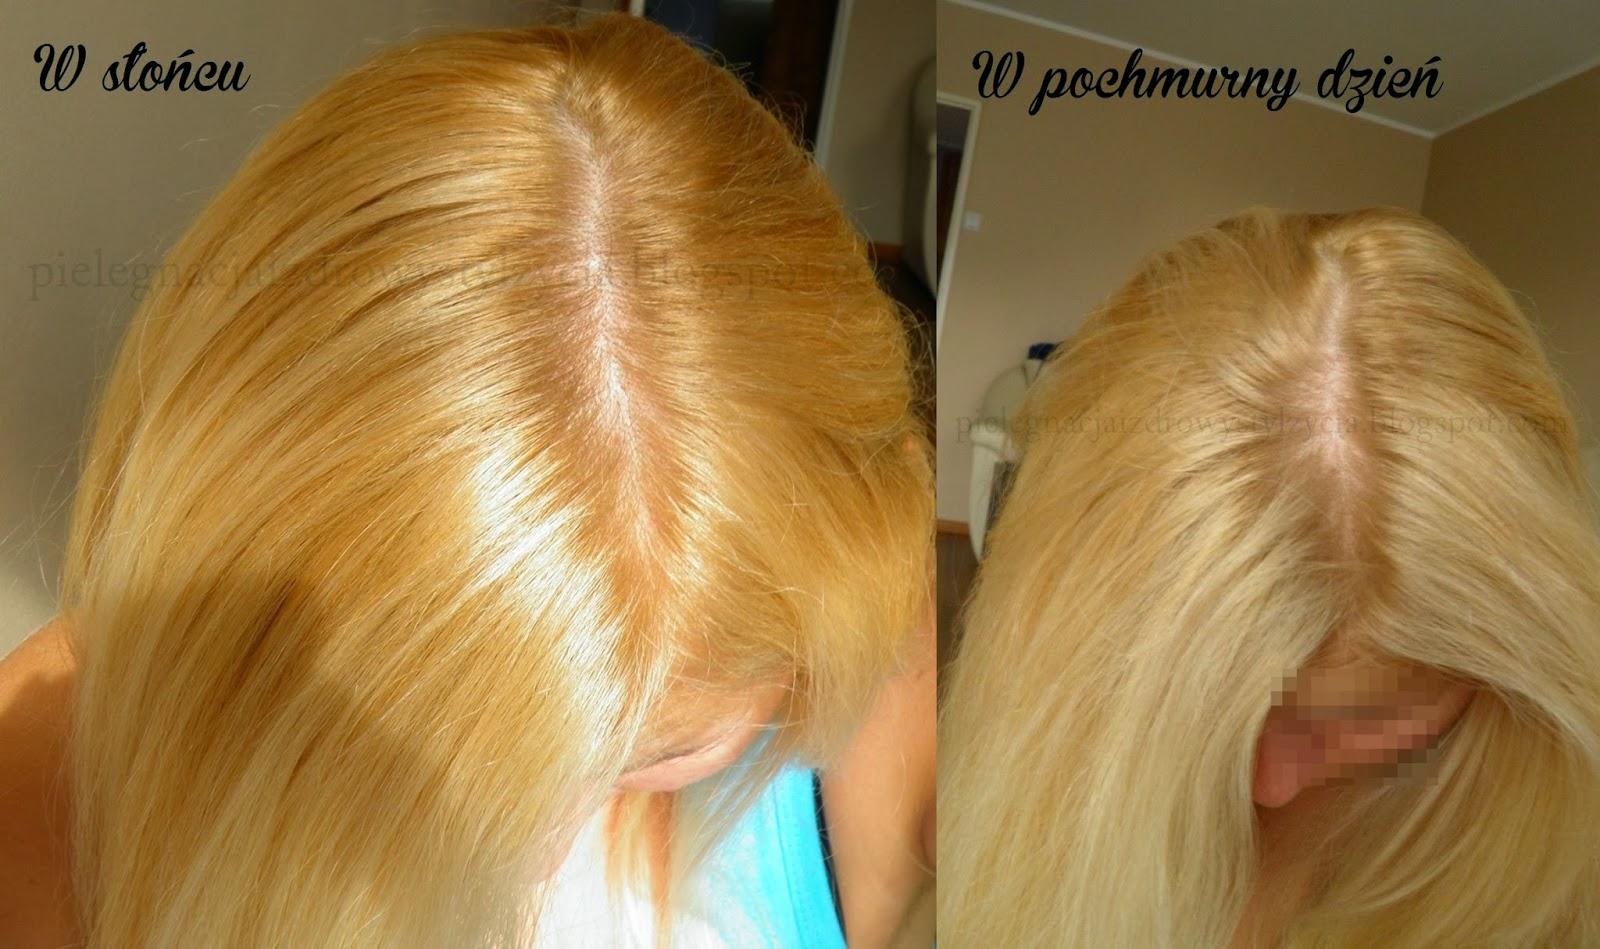 Farba do włosów Schwarzkopf Color Mask 1010 jasny, perłowy blond. Efekty farbowania.